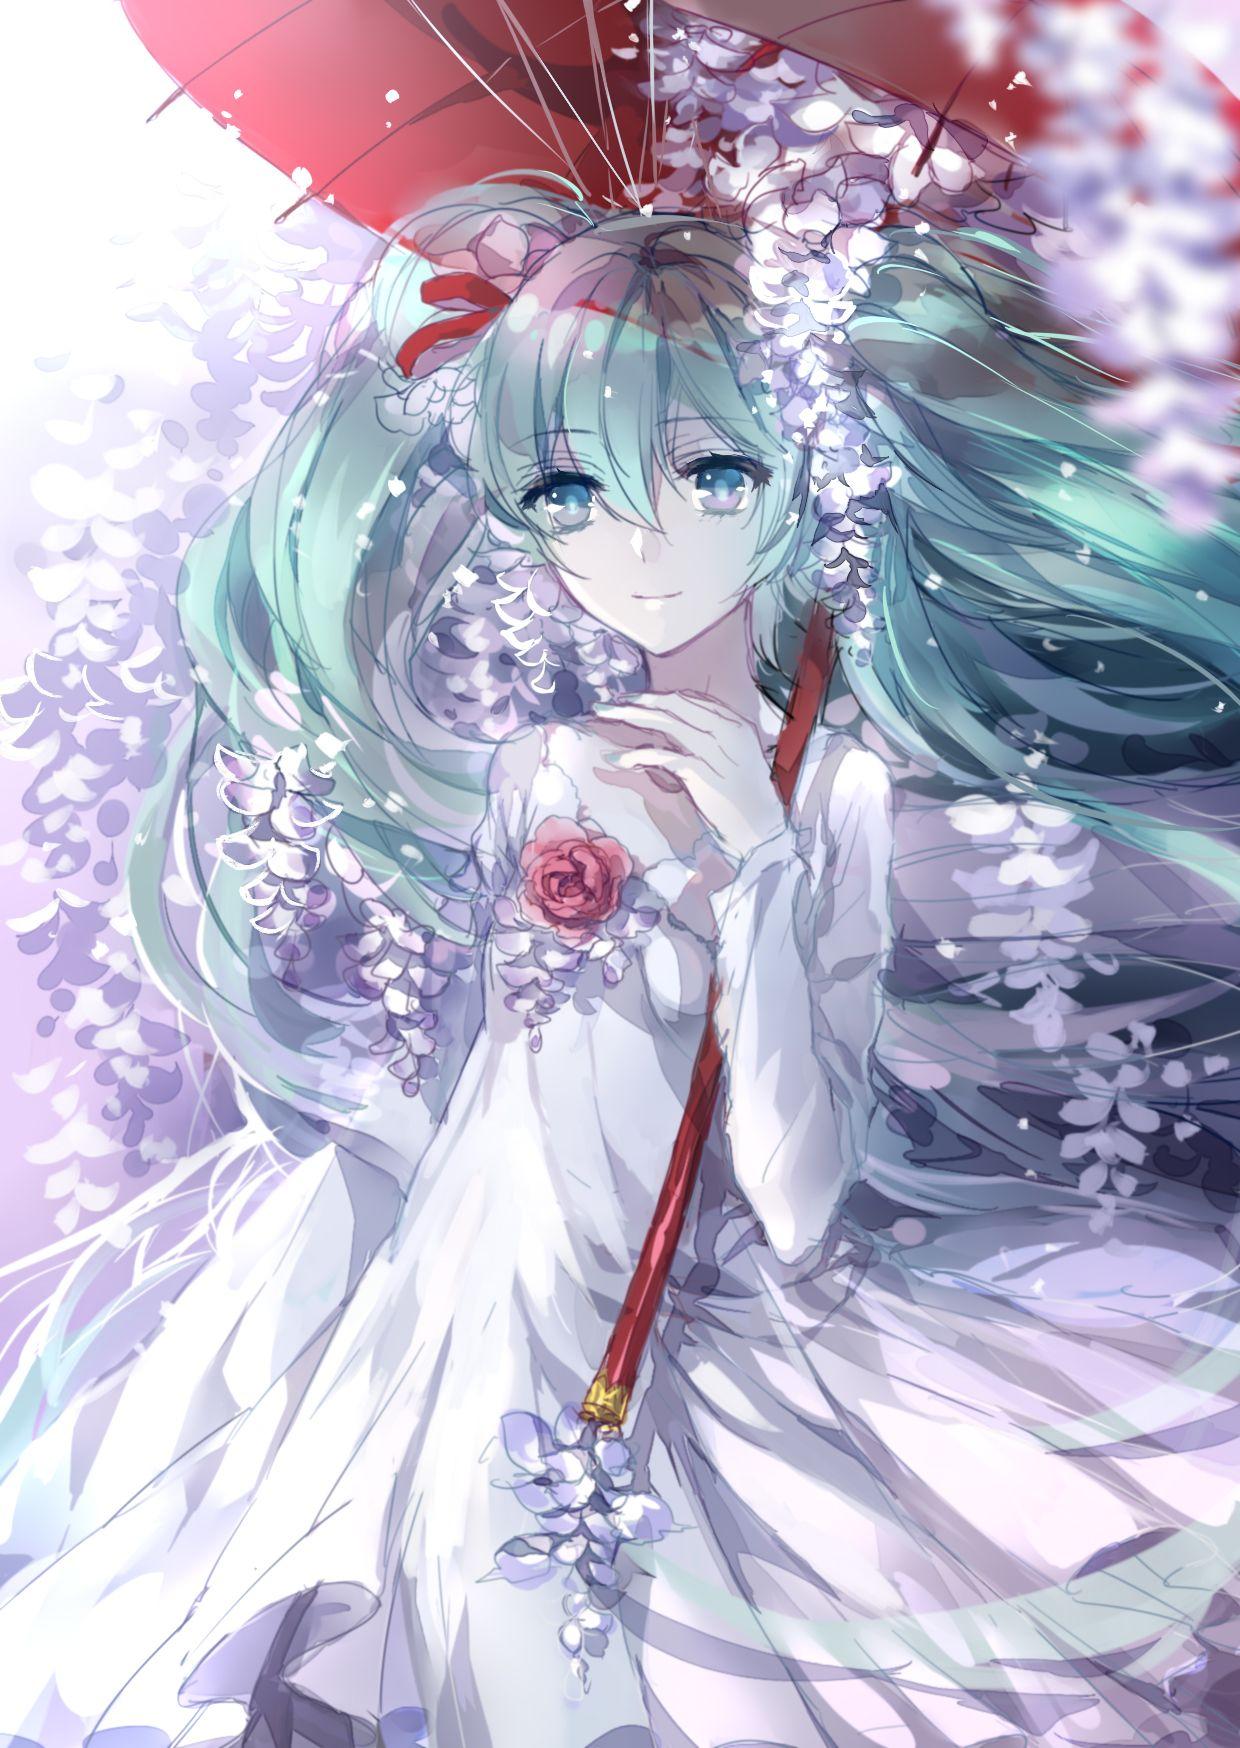 Hatsune Miku Anime, Cô gái phim hoạt hình, Hatsune miku